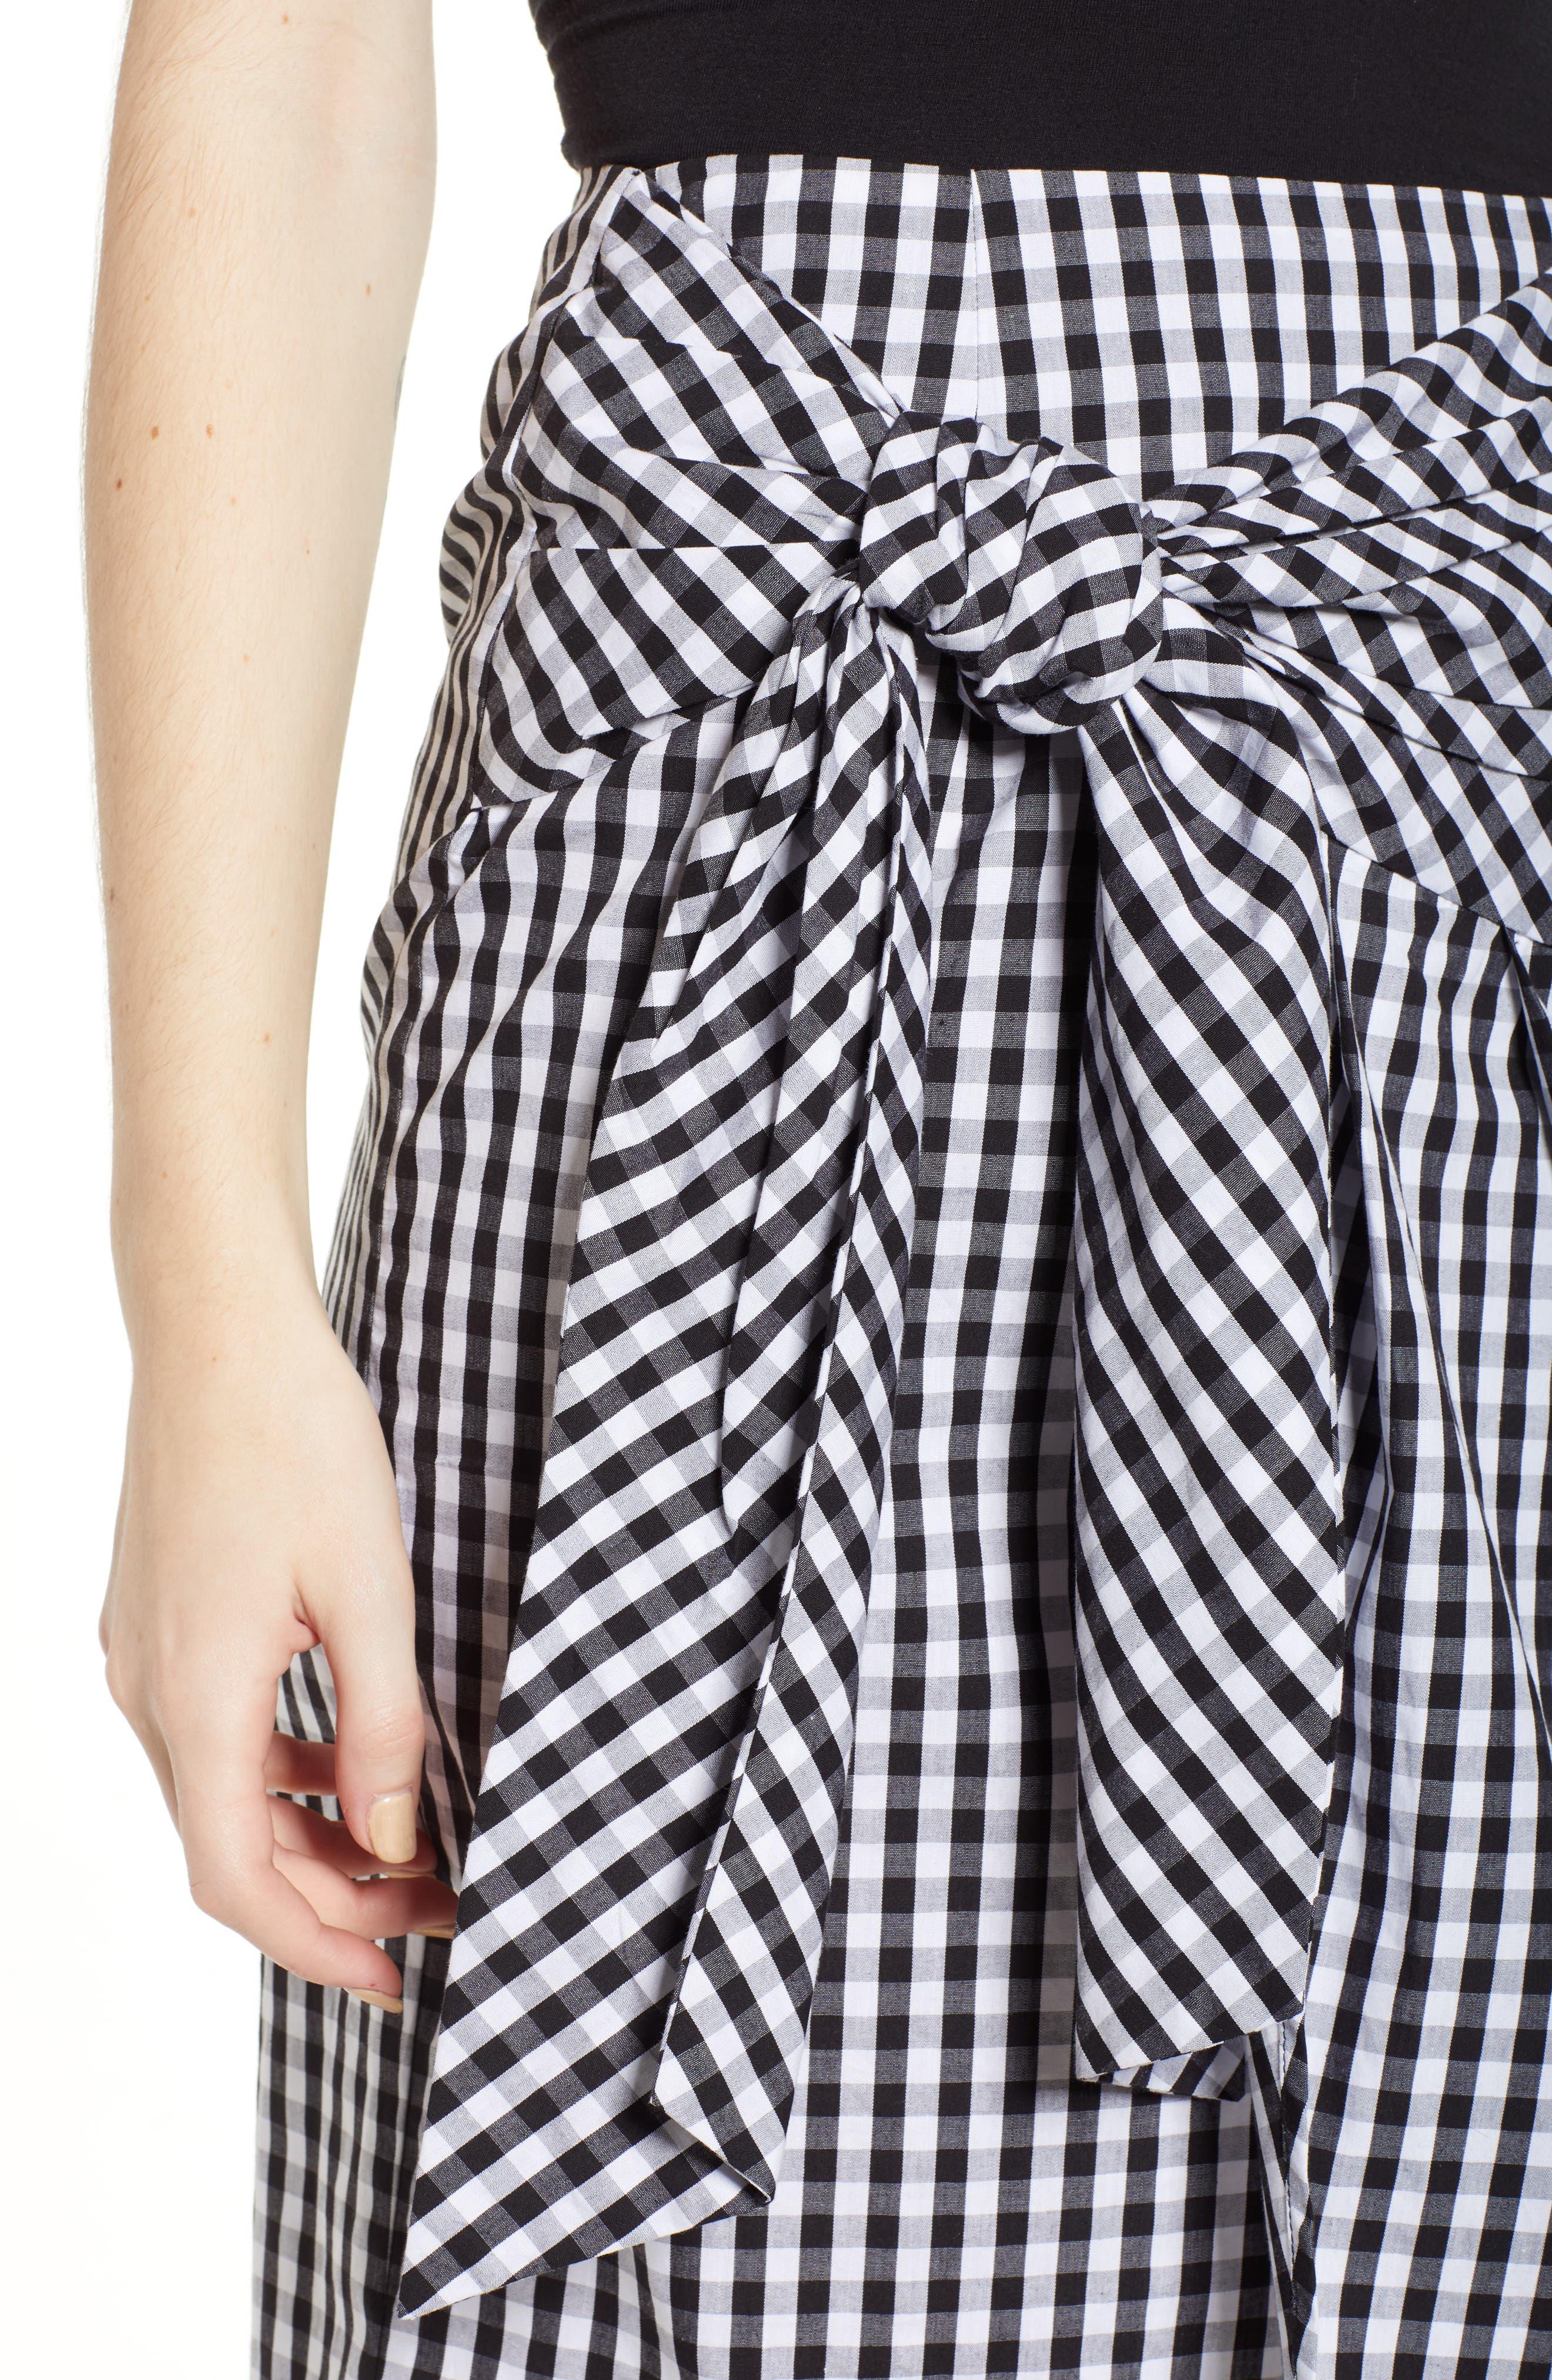 Gingham Tie Waist Skirt,                             Alternate thumbnail 4, color,                             Black/ White Gingham